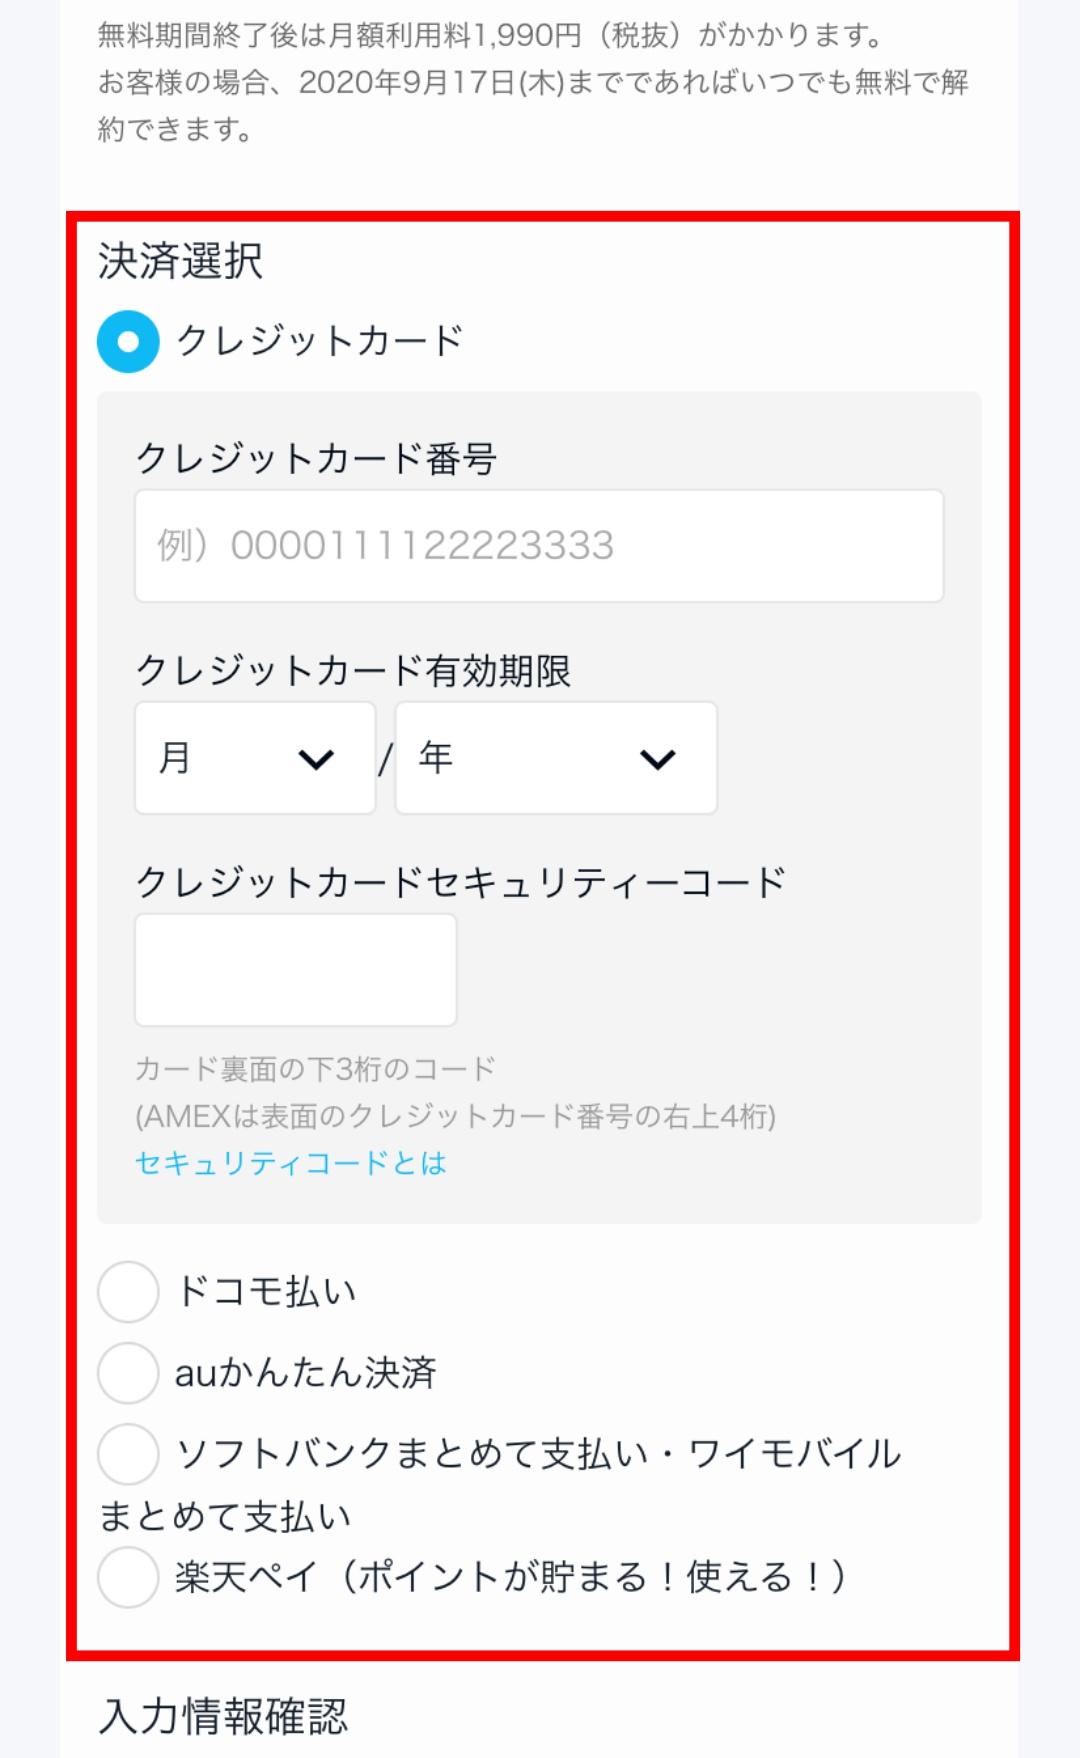 お支払い情報2